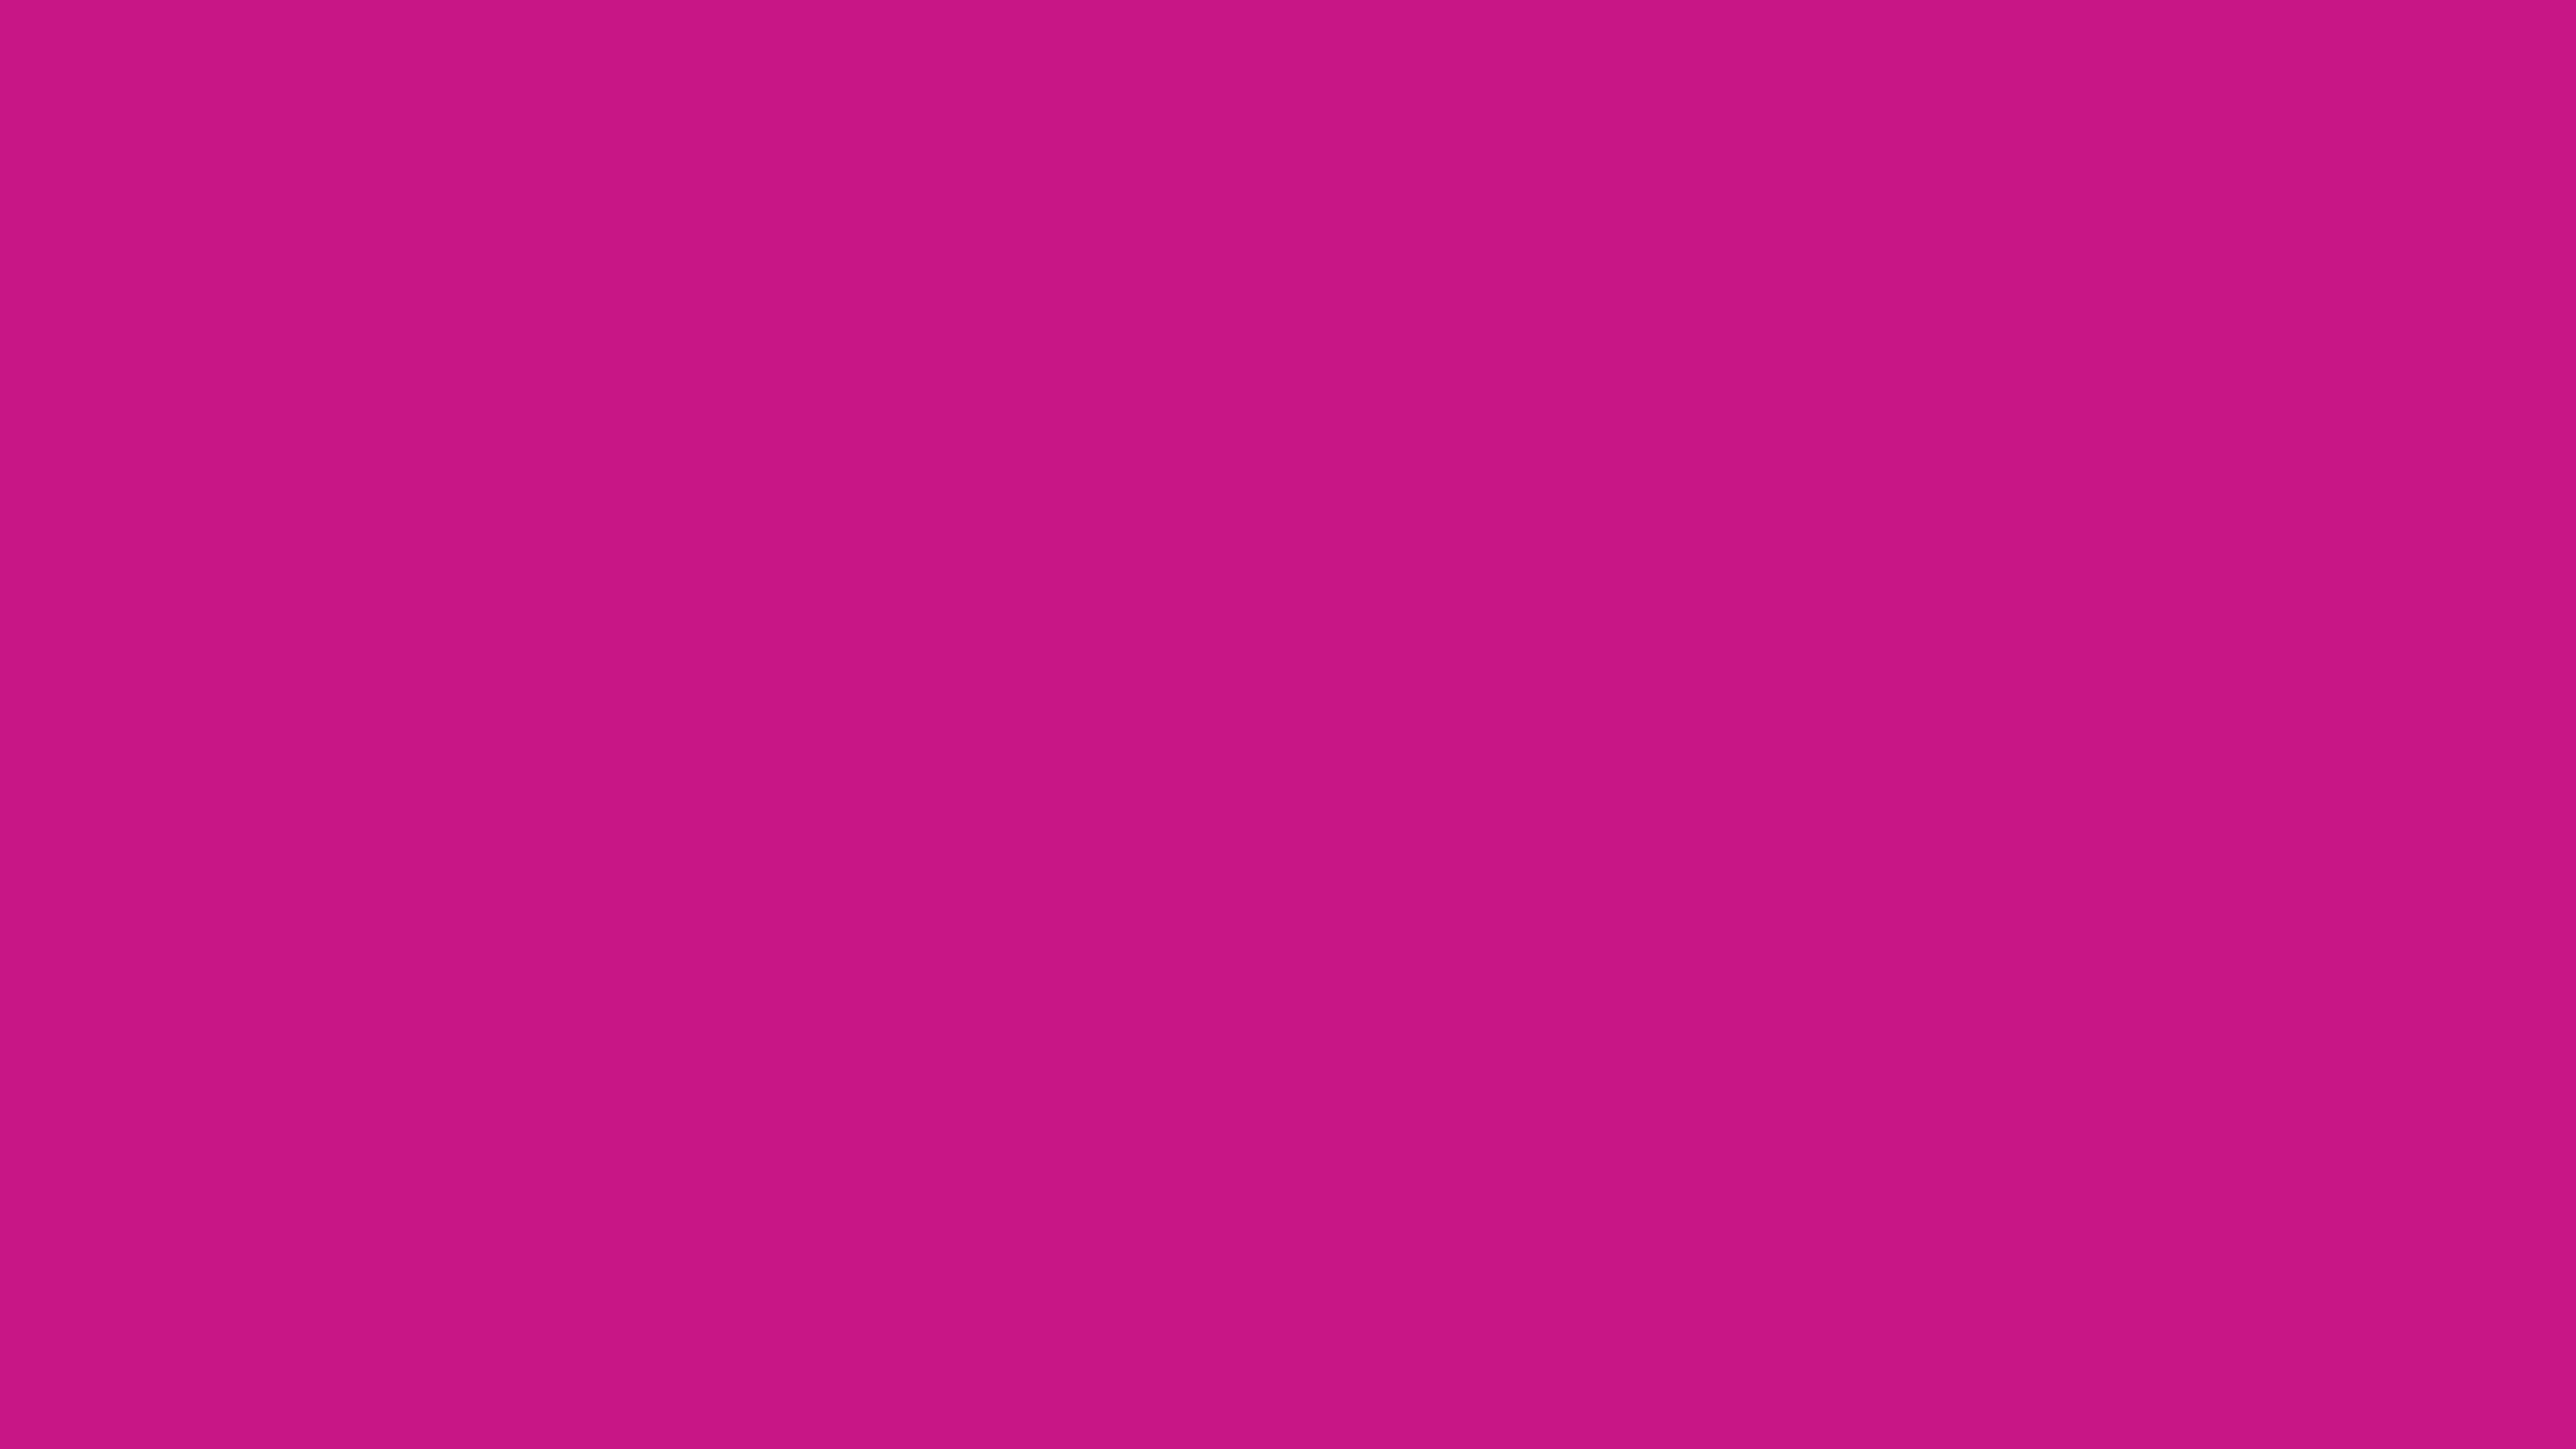 5120x2880 Medium Violet-red Solid Color Background